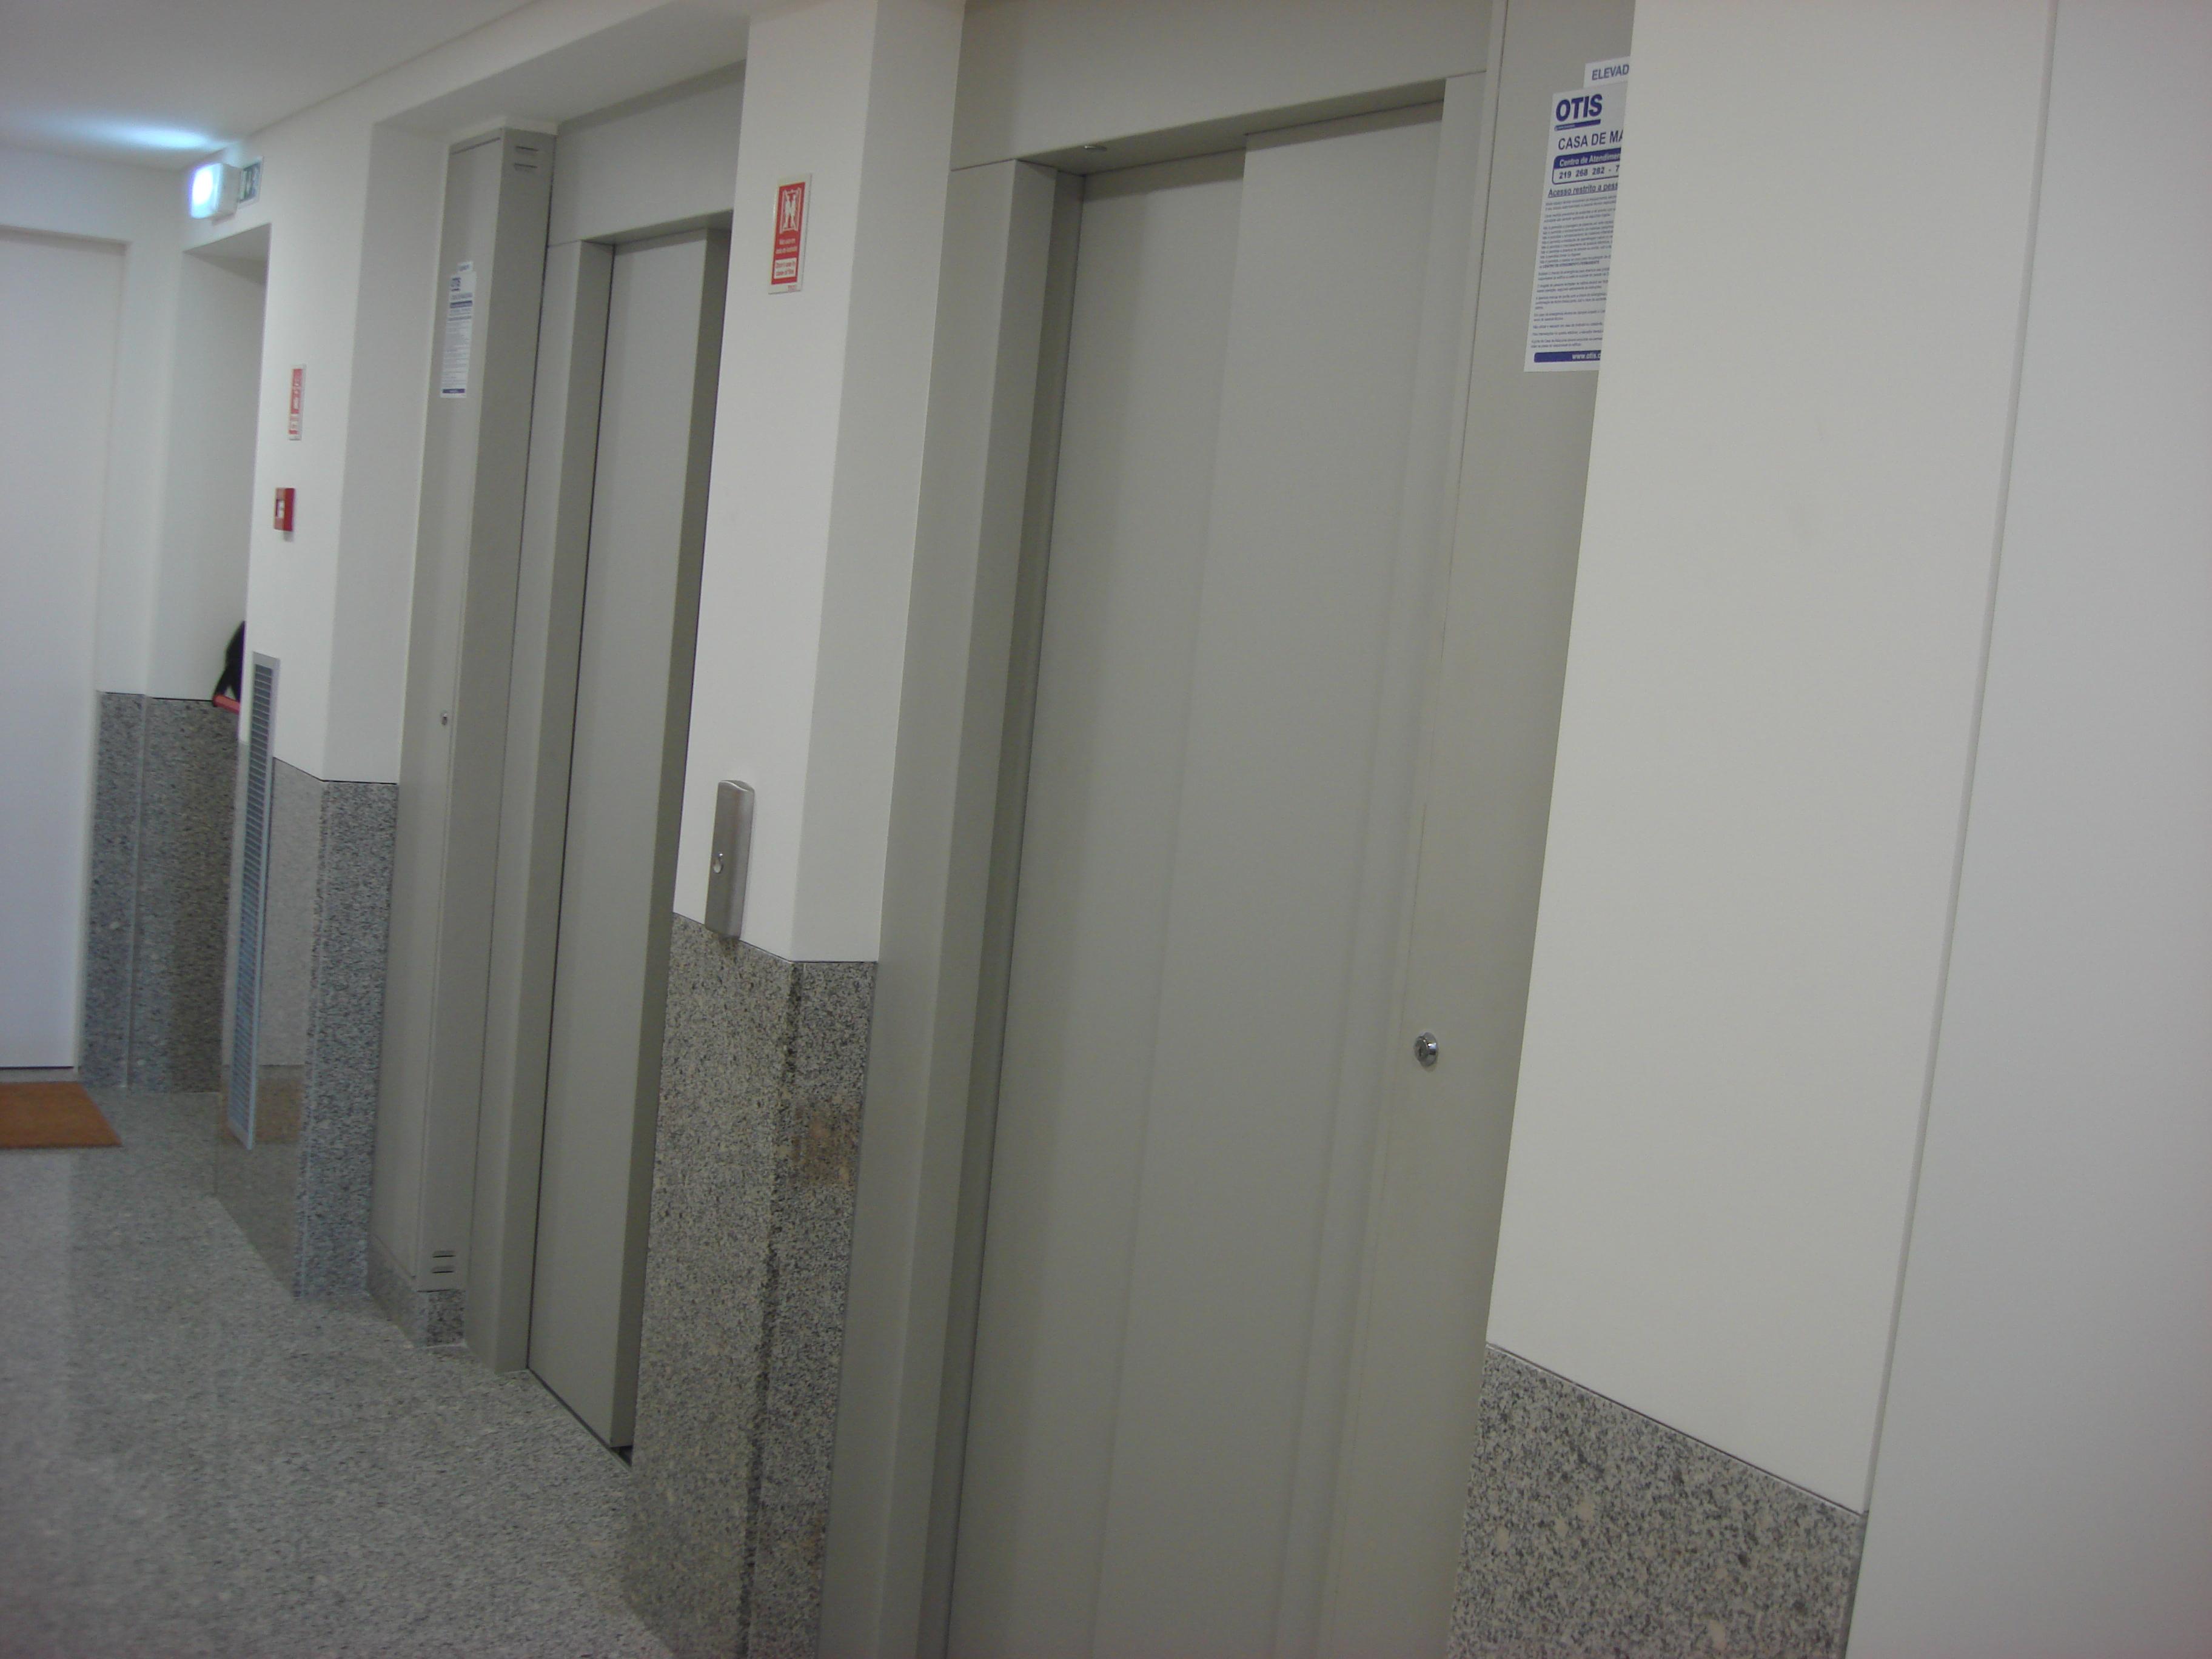 T3 - NOVO - 2 LUGARES DE ESTACIONAMENTO E ARRECADAÇÃO